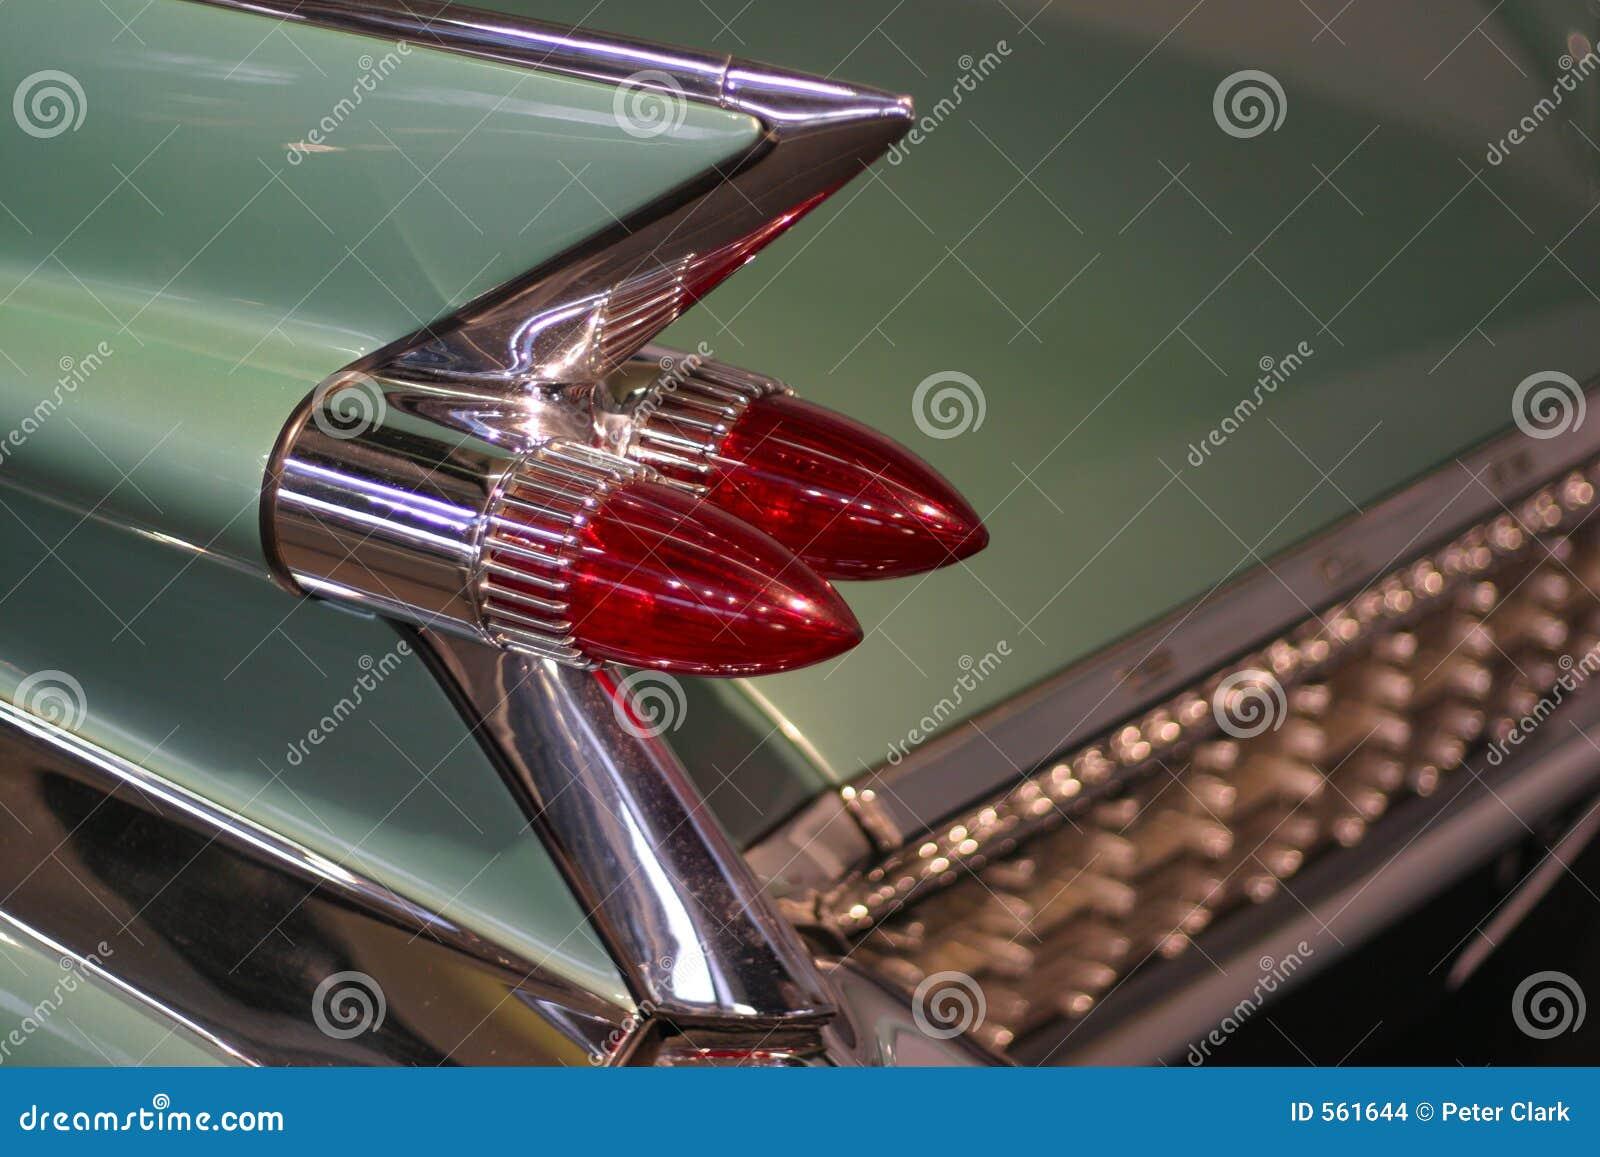 汽车经典之作